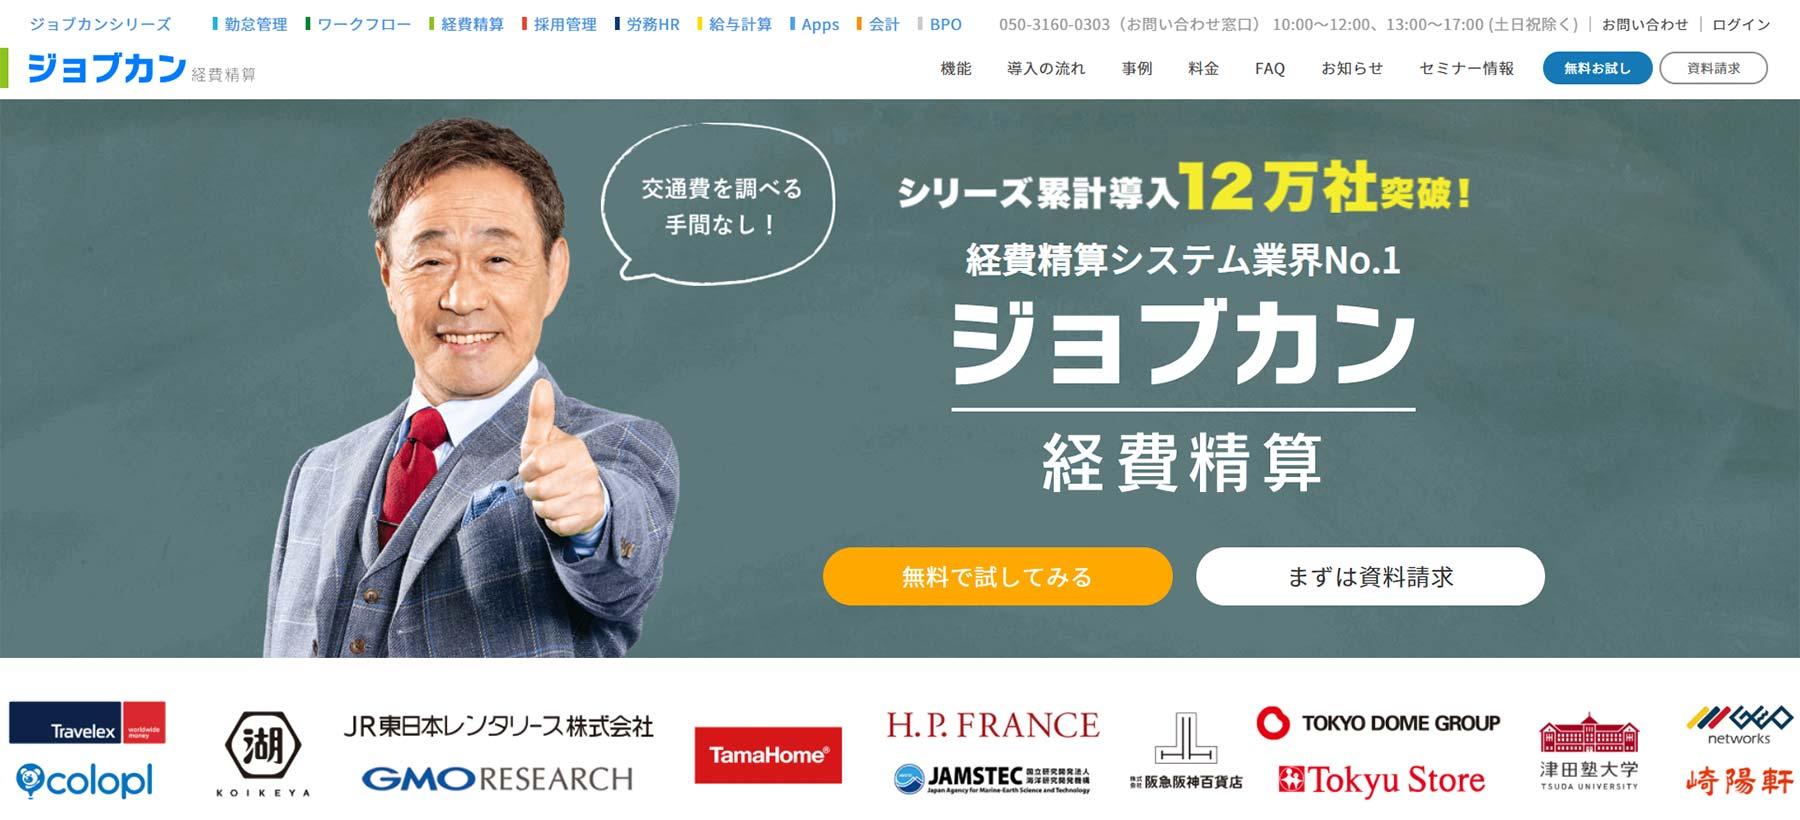 ジョブカン経費精算公式Webサイト